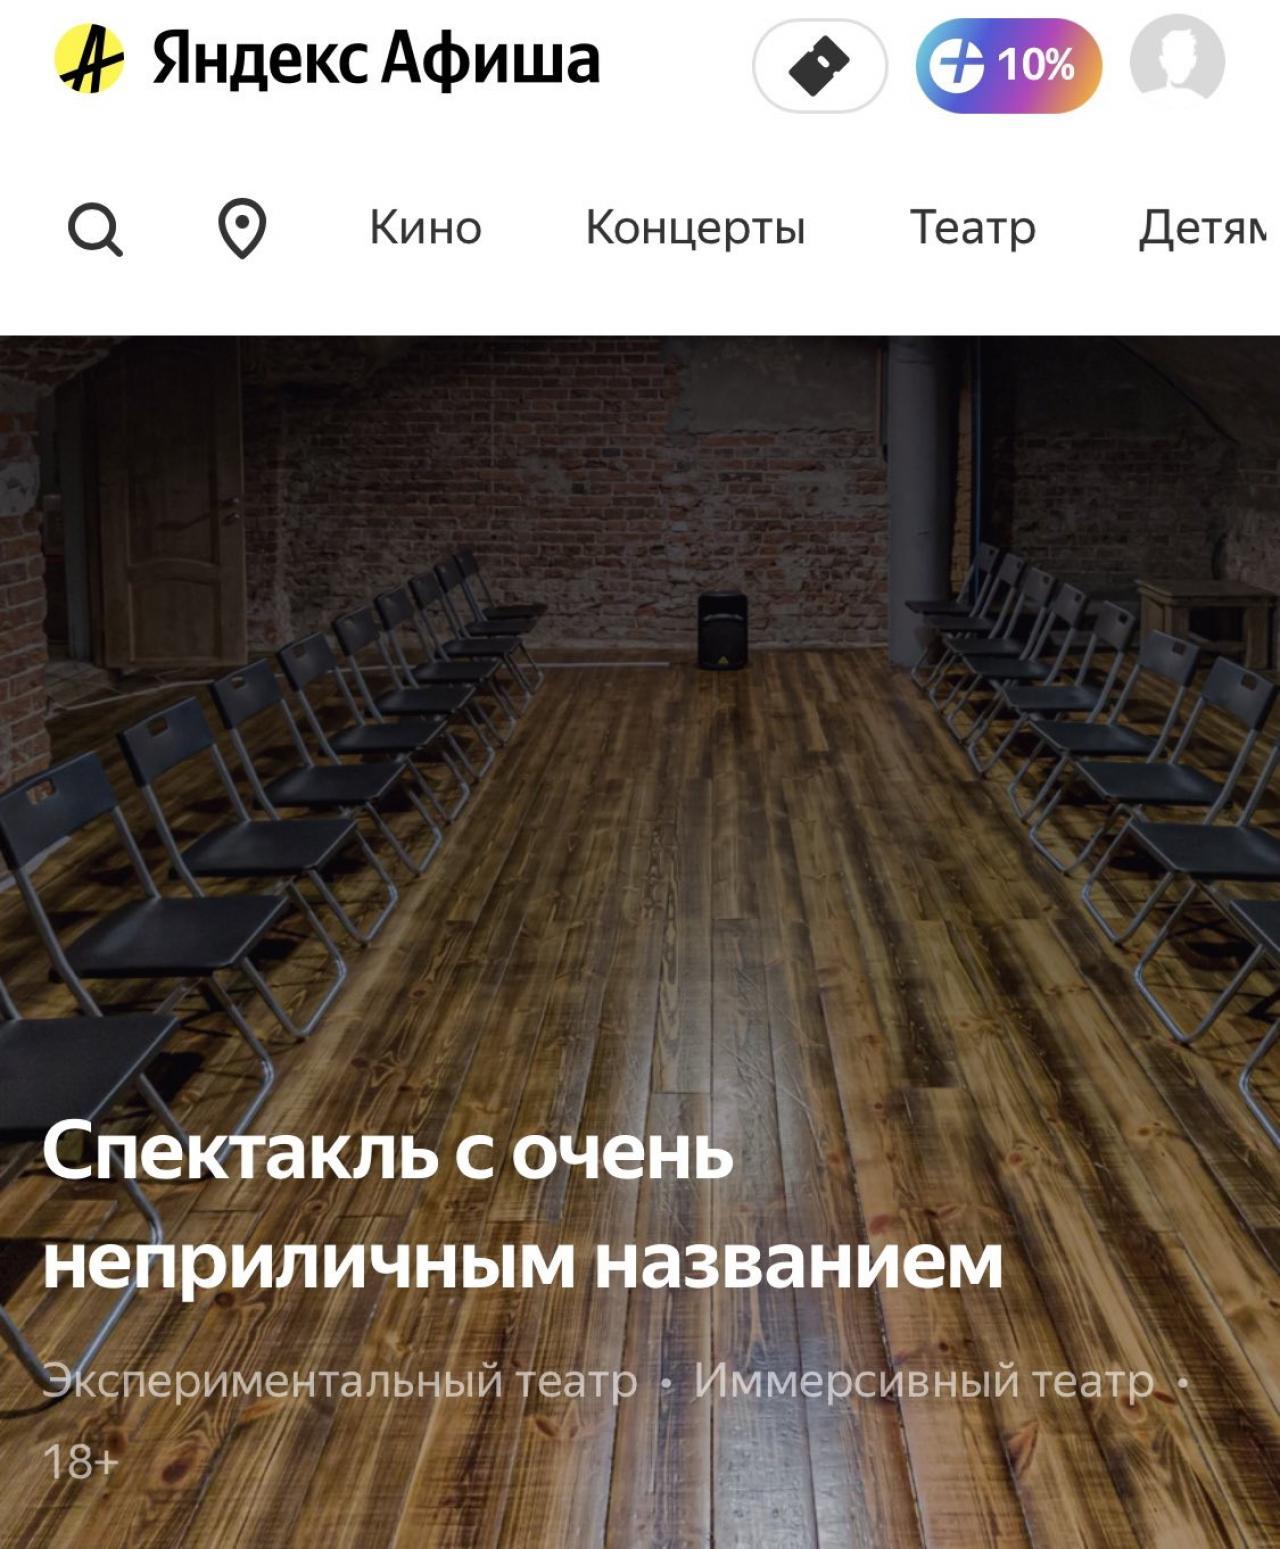 Новости столичного театра